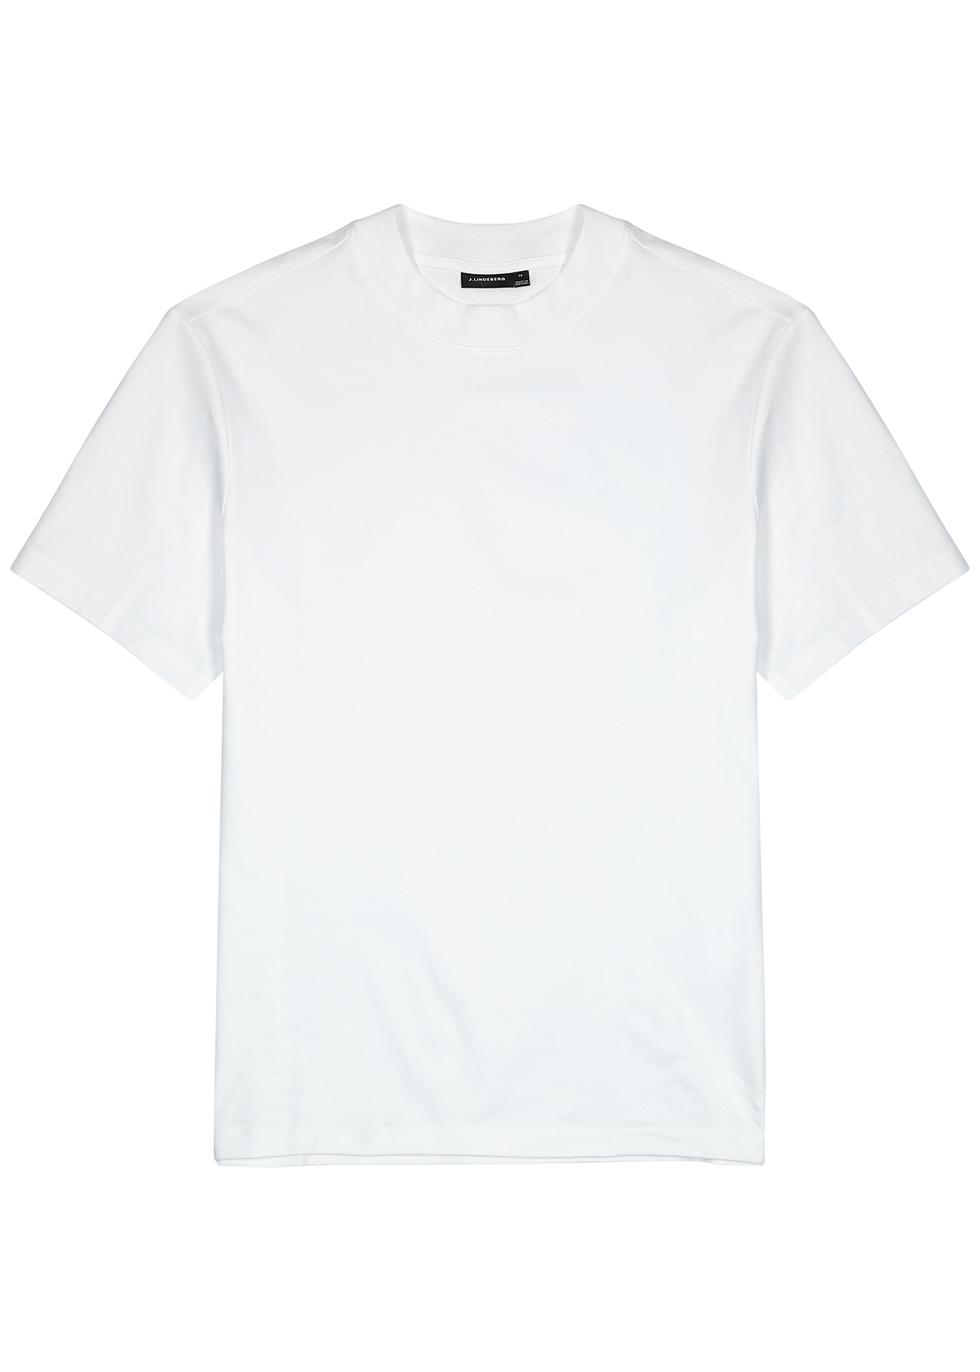 Ace white cotton T-shirt